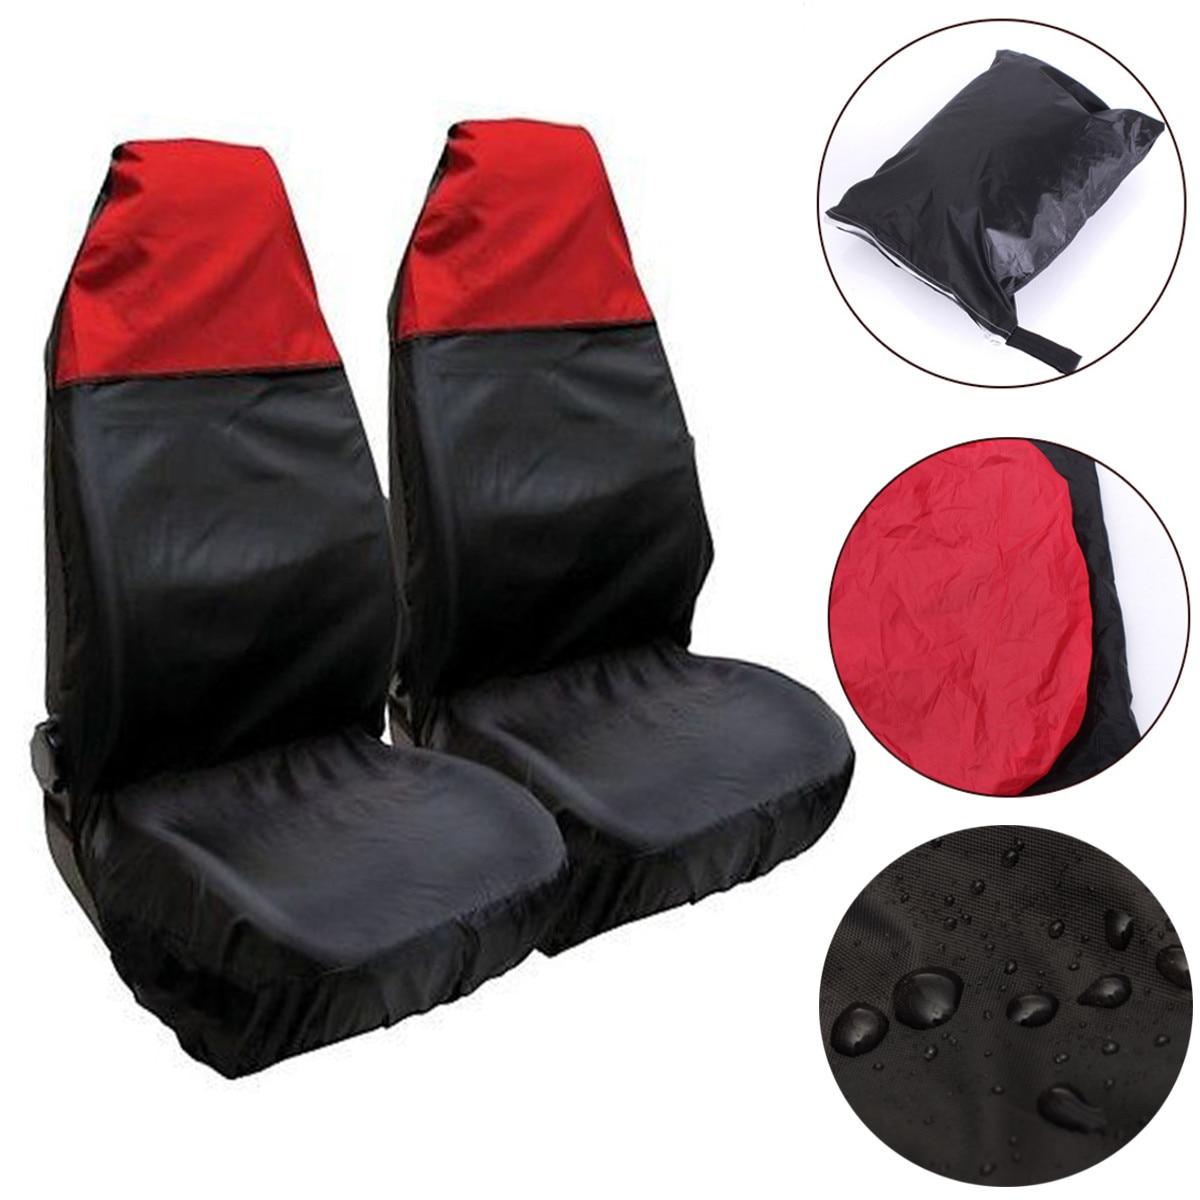 2 черный, Красный Универсальный спереди автомобилей Ван сиденье протектор Чехлы для мангала Водонепроницаемость